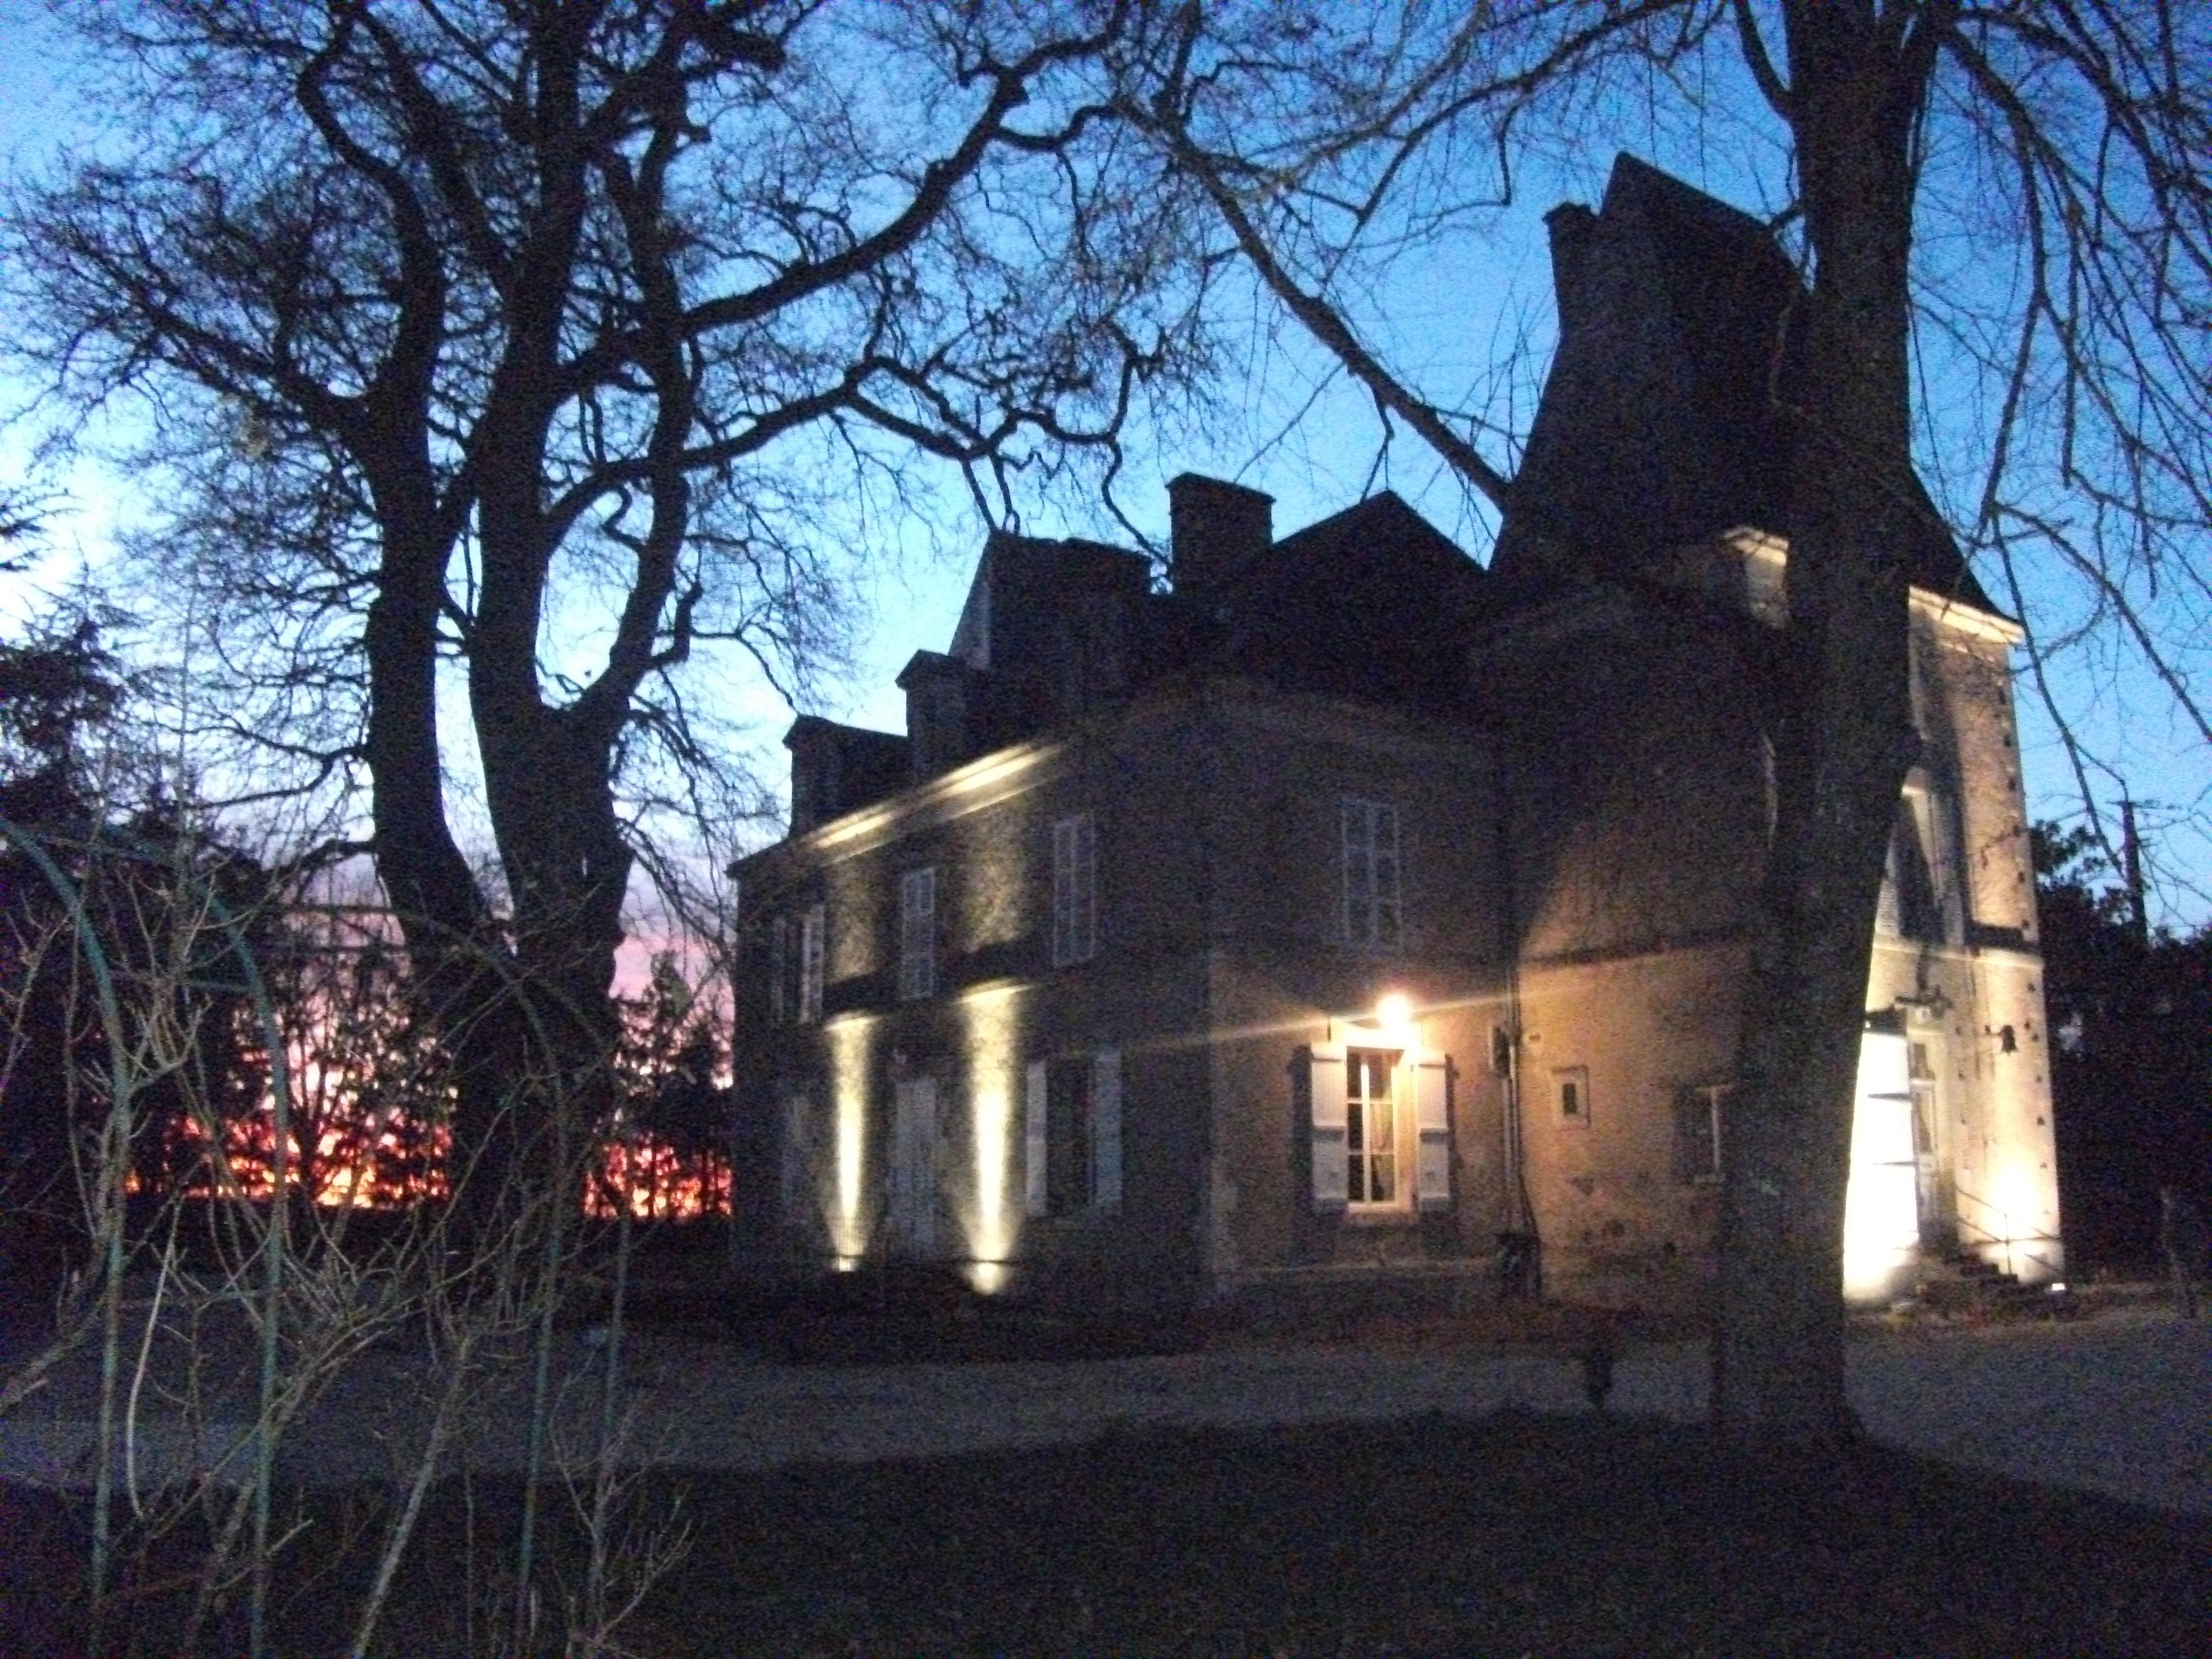 Ch teau de belle vue une chambre d 39 hotes en vend e dans - Chambre d hote chateau thierry ...